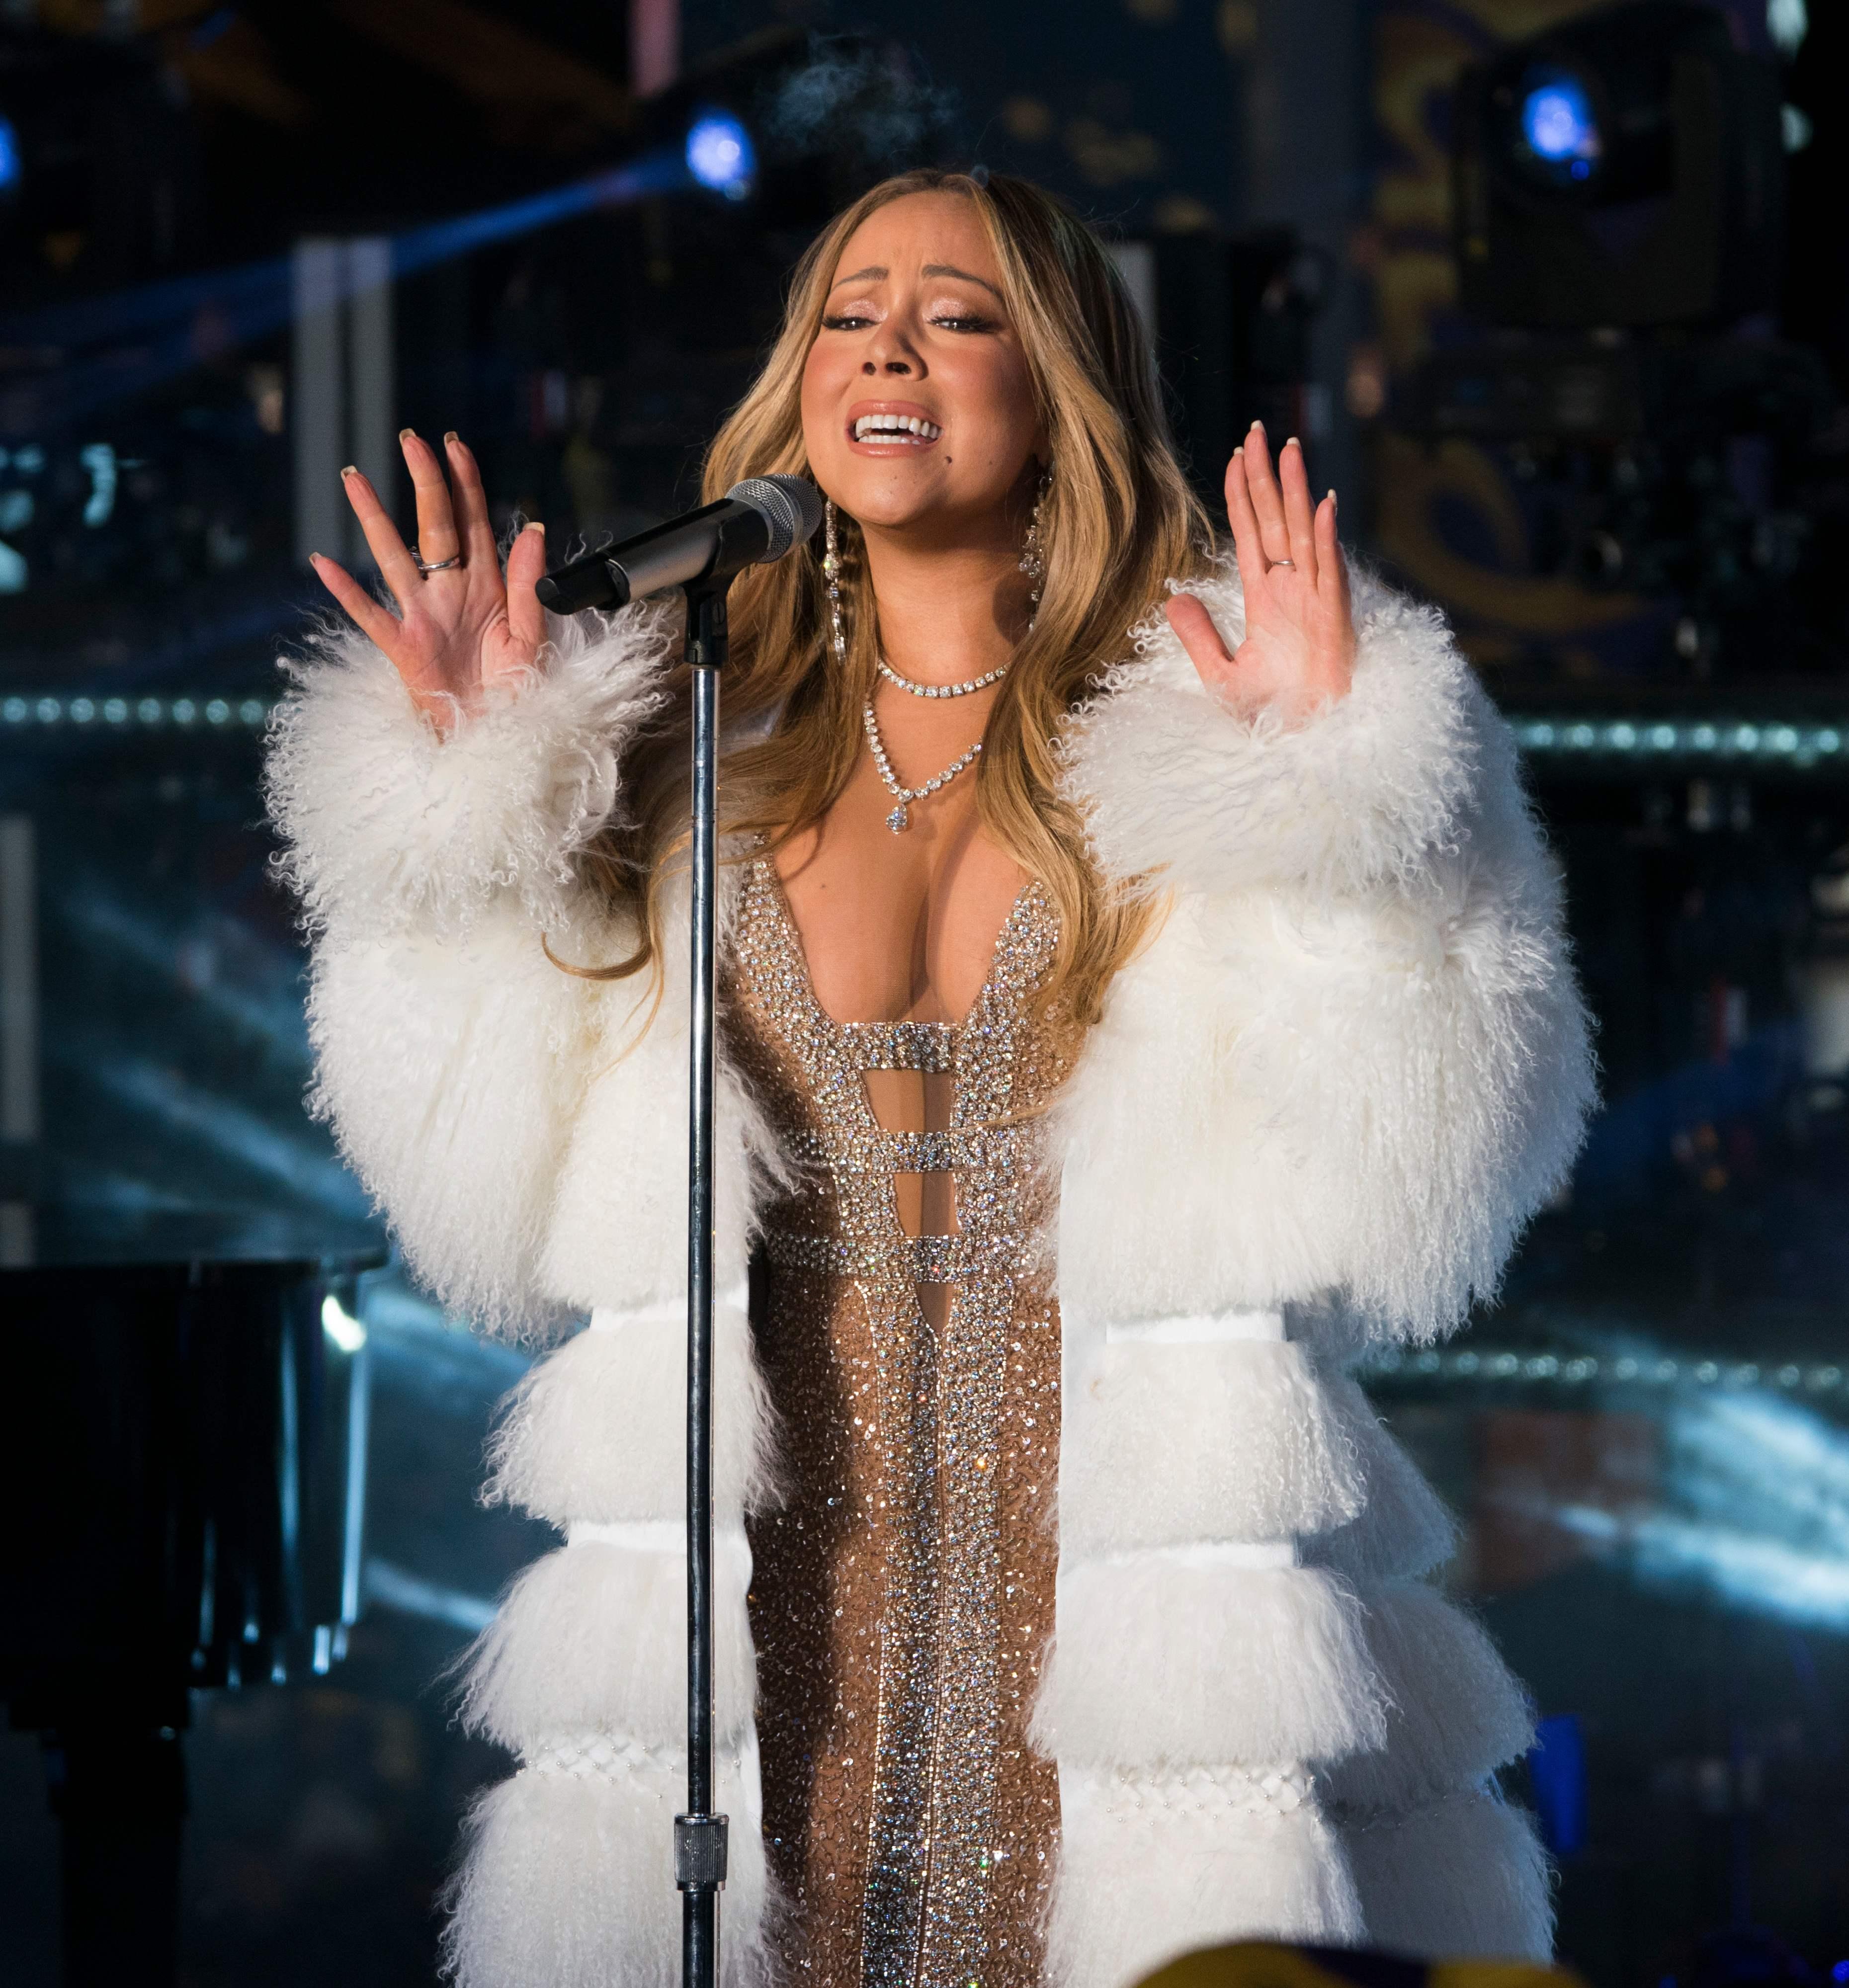 瑪麗亞凱莉重回時報廣場演唱,洗刷去年假唱事件。(Getty Images)